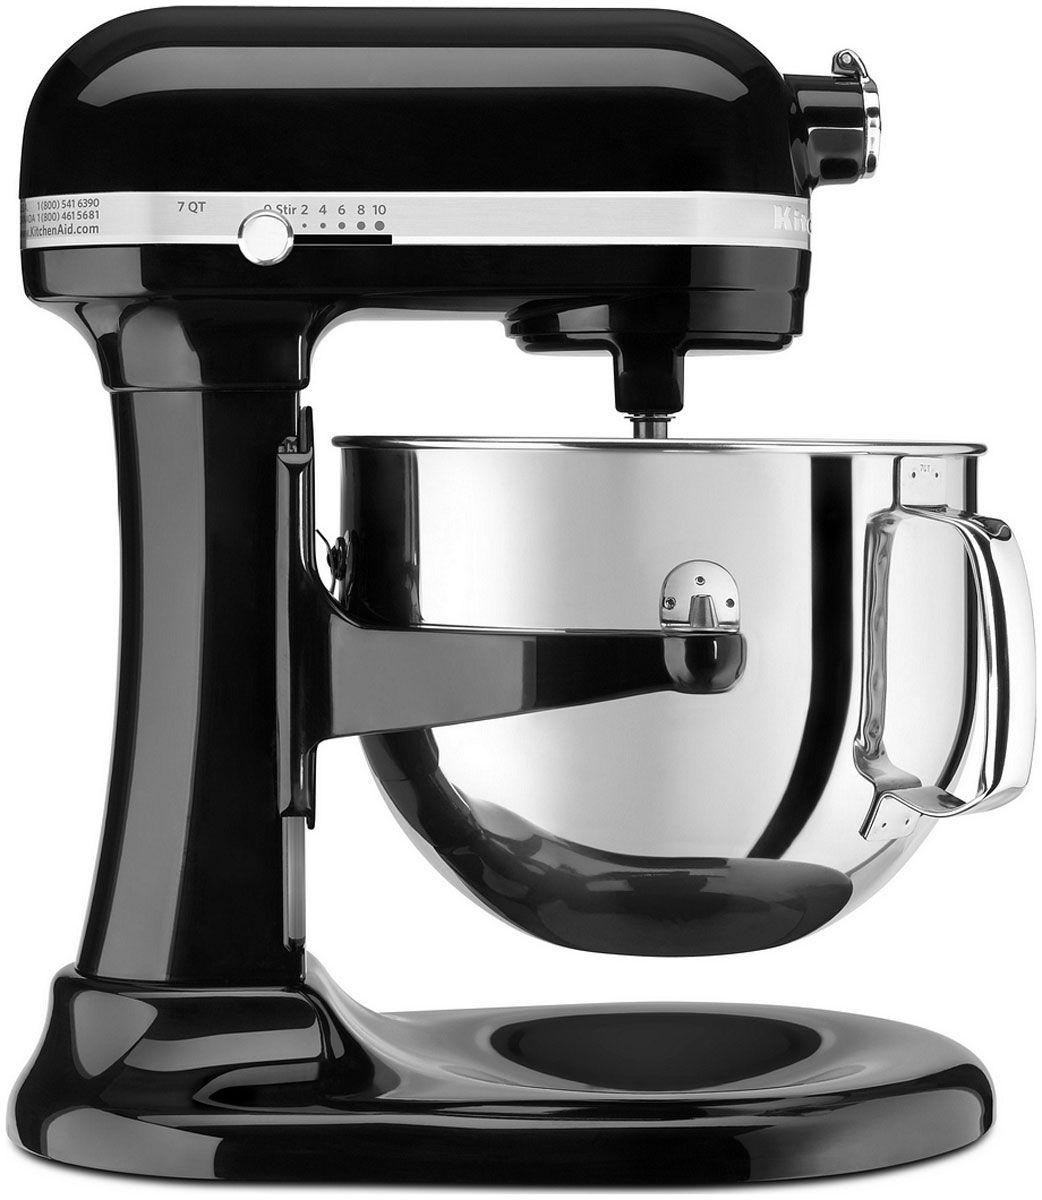 Kitchenaid Bowl Lift Black Stand Mixer Ksm7586pob